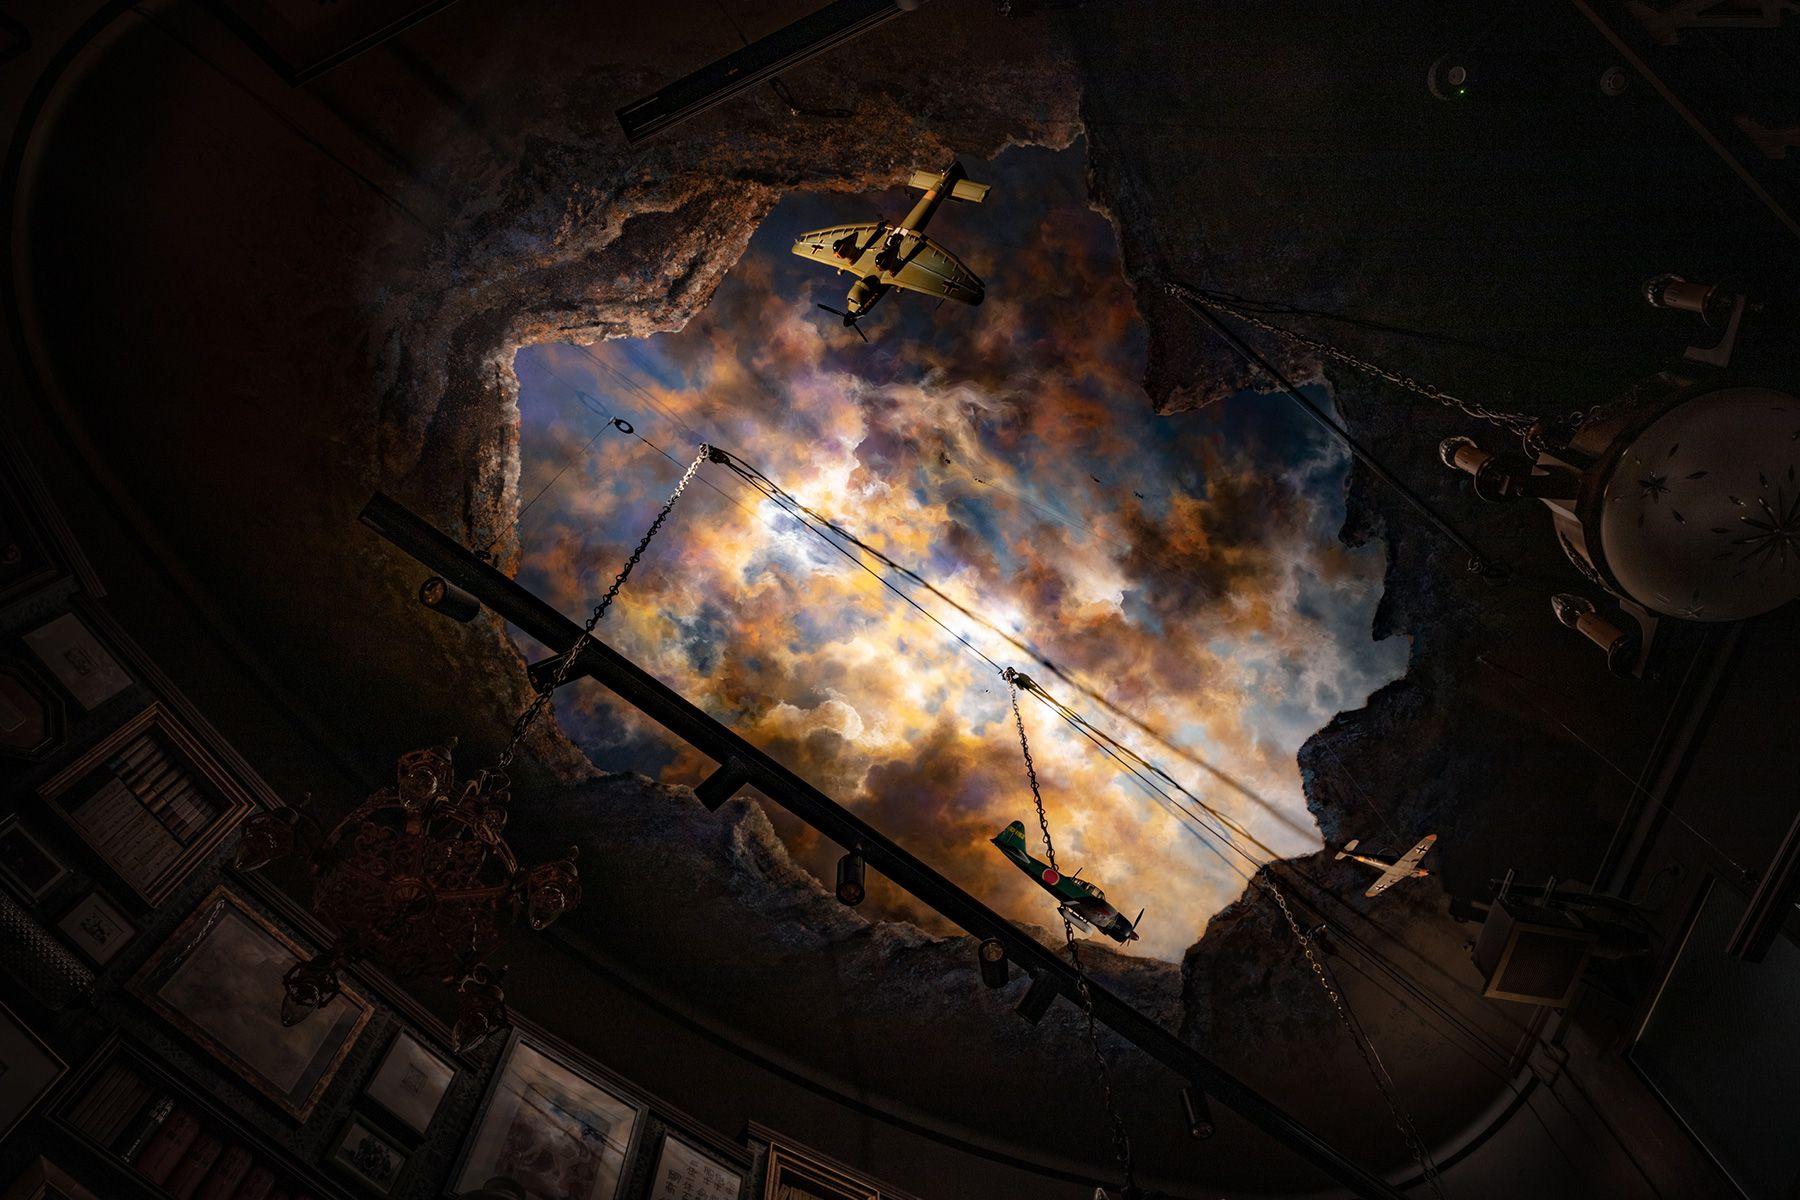 BAR-S天井のフラスコ画